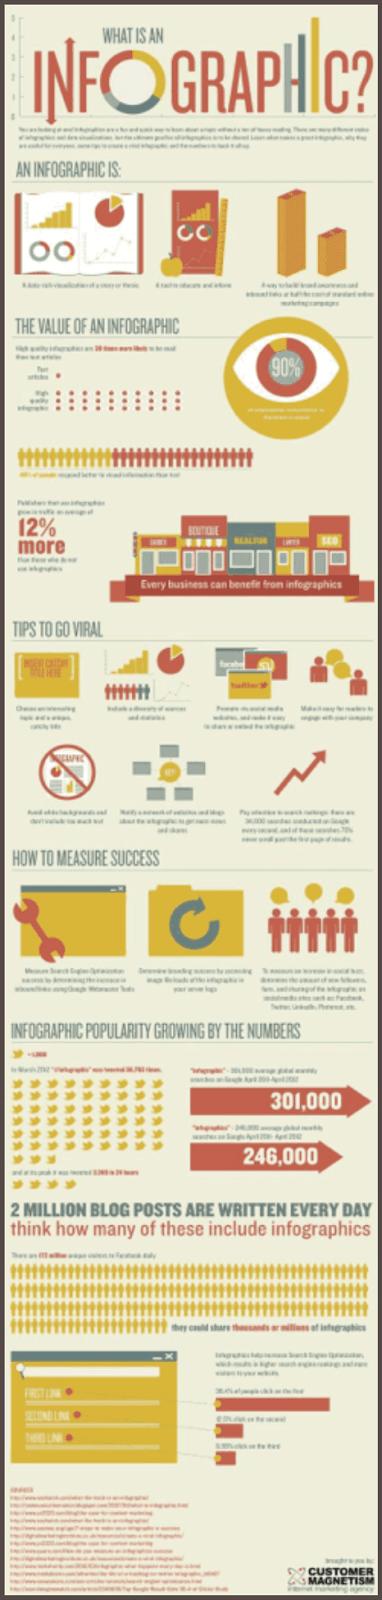 Инфографика — раскрытие темы через визуализацию